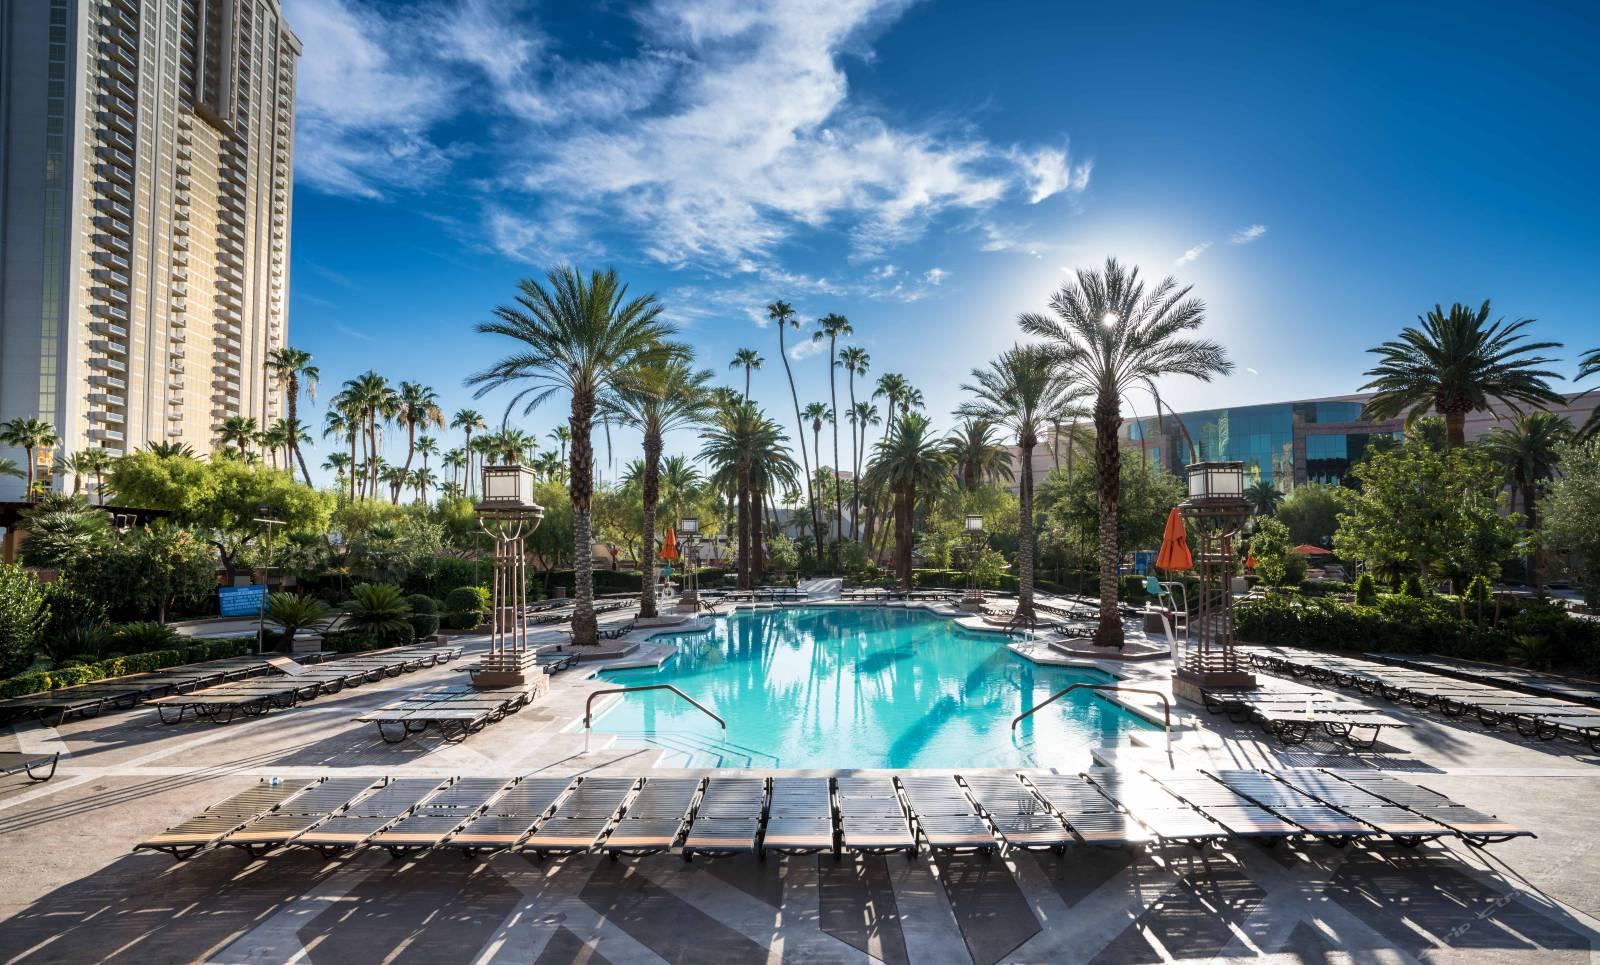 拉斯维加斯十大酒店-iTrip爱去自由